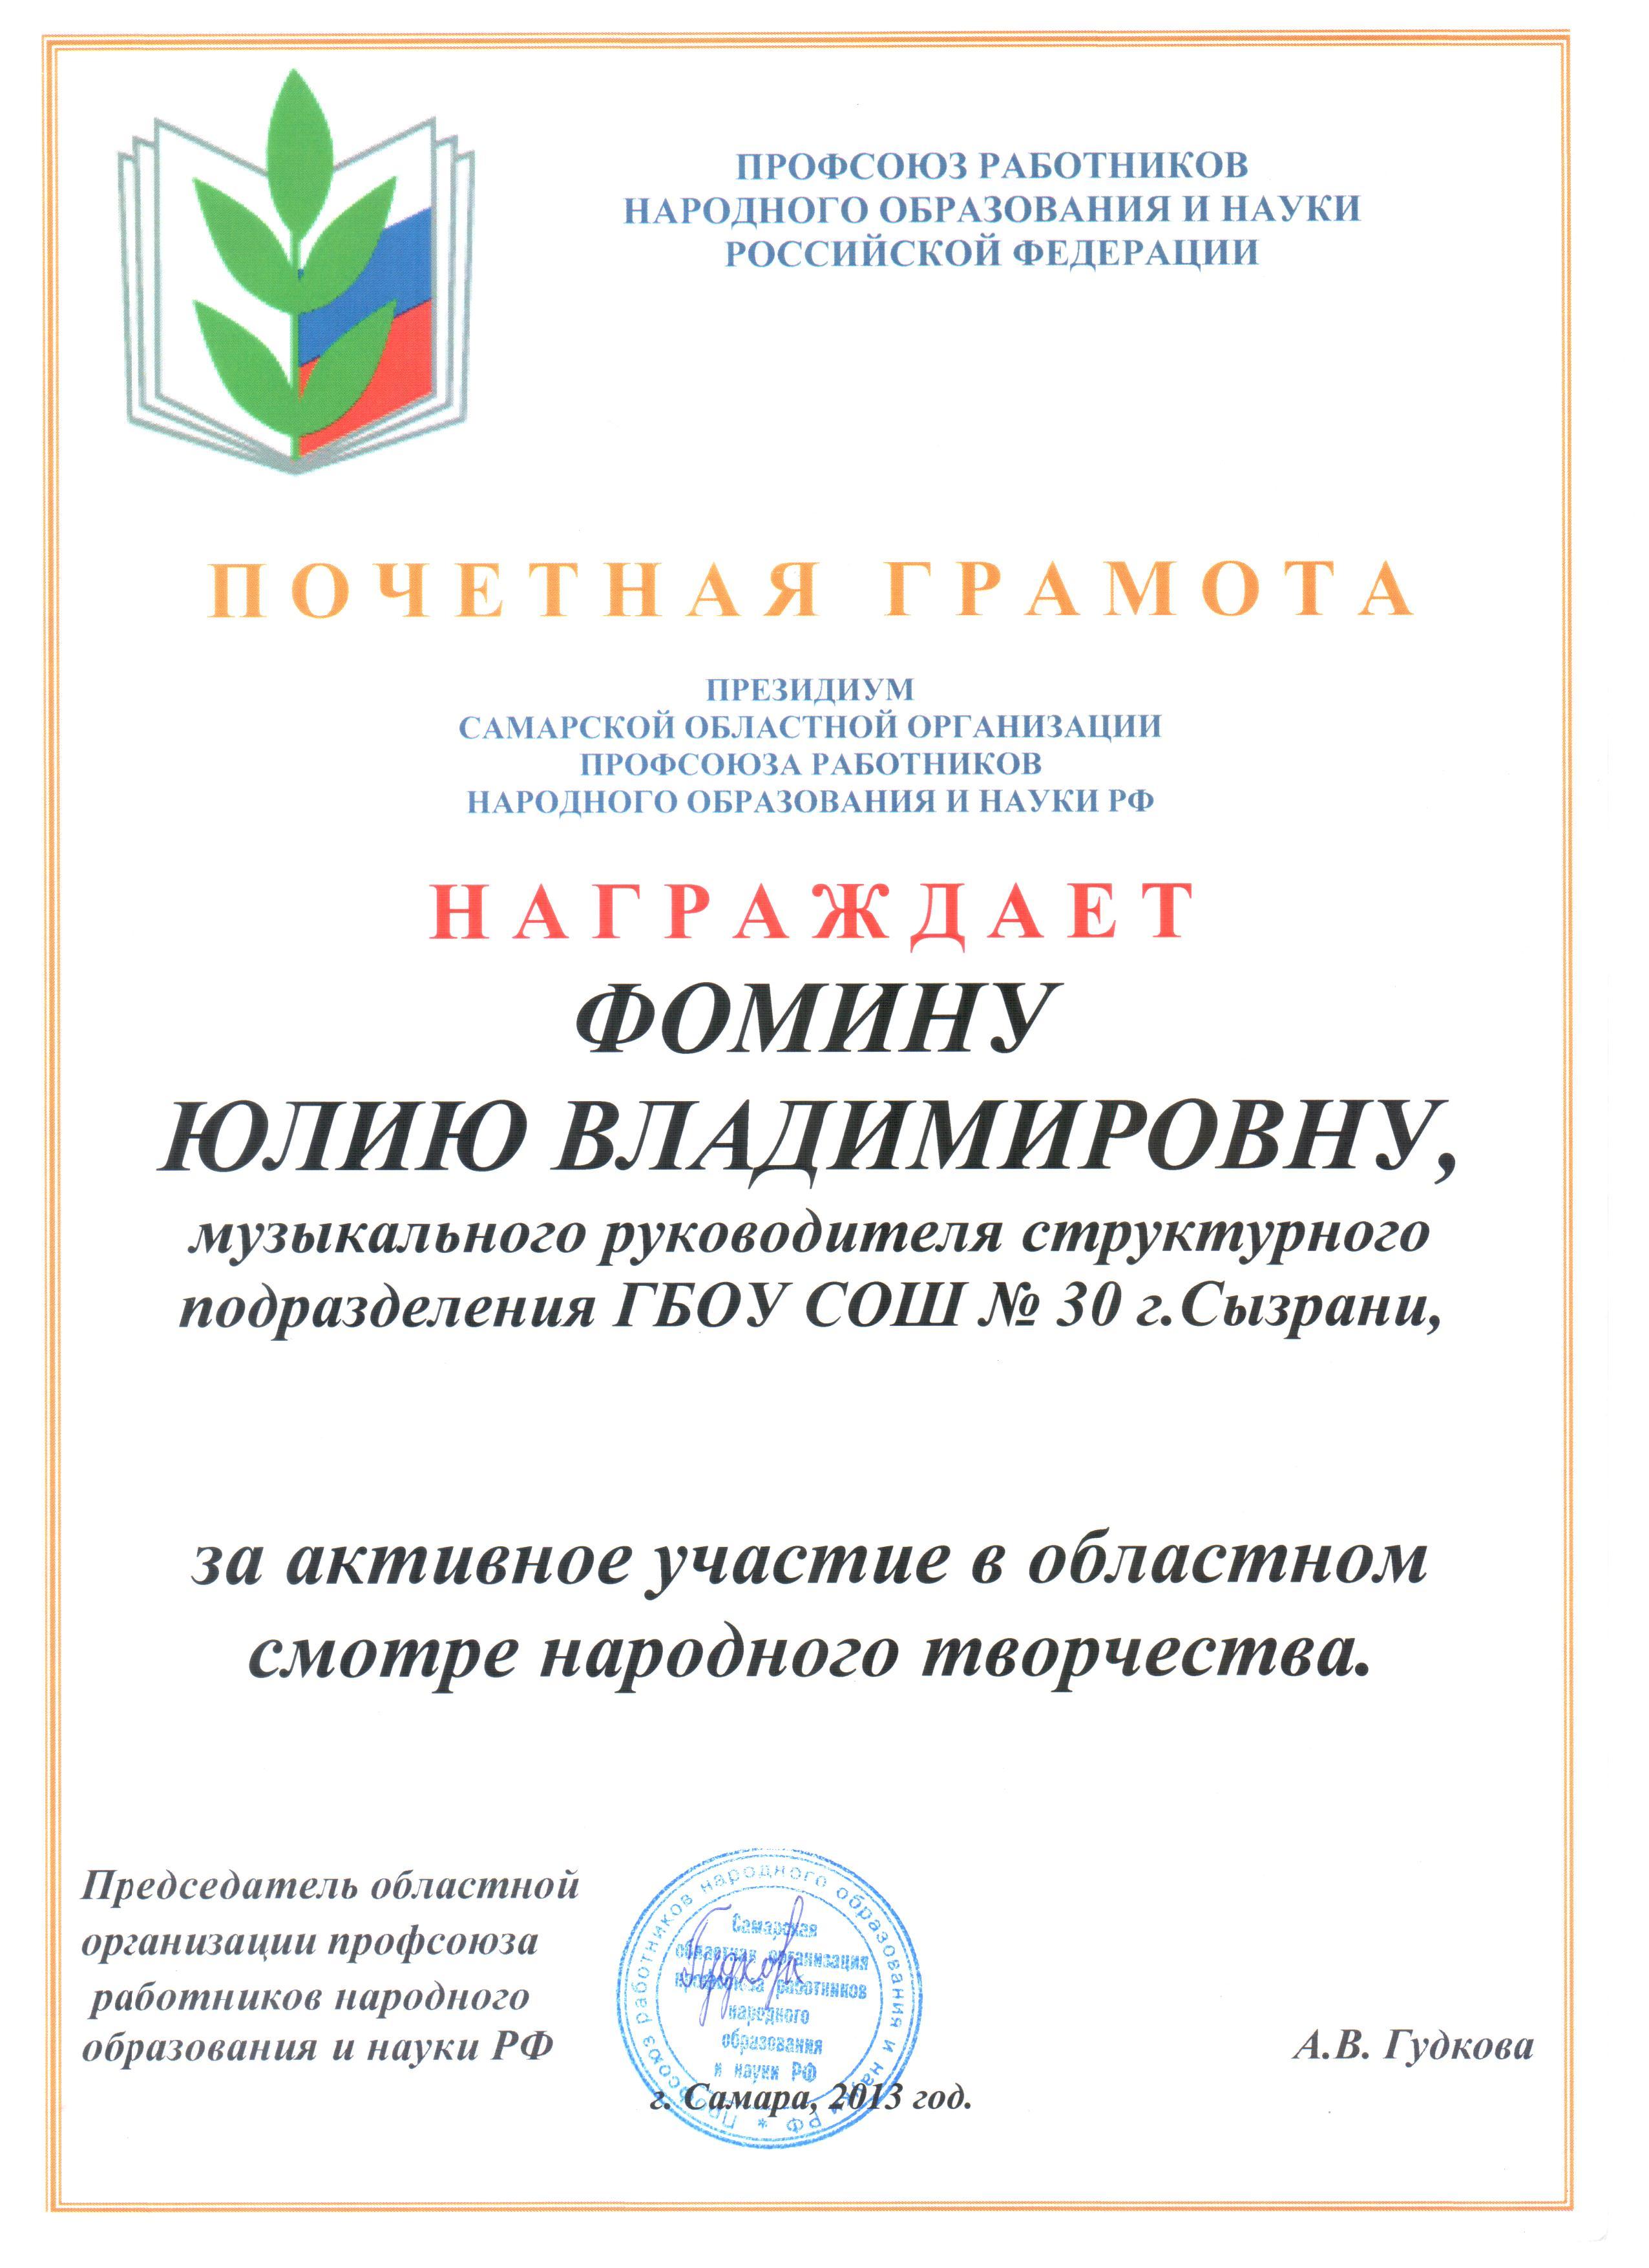 почетная грамота 2013